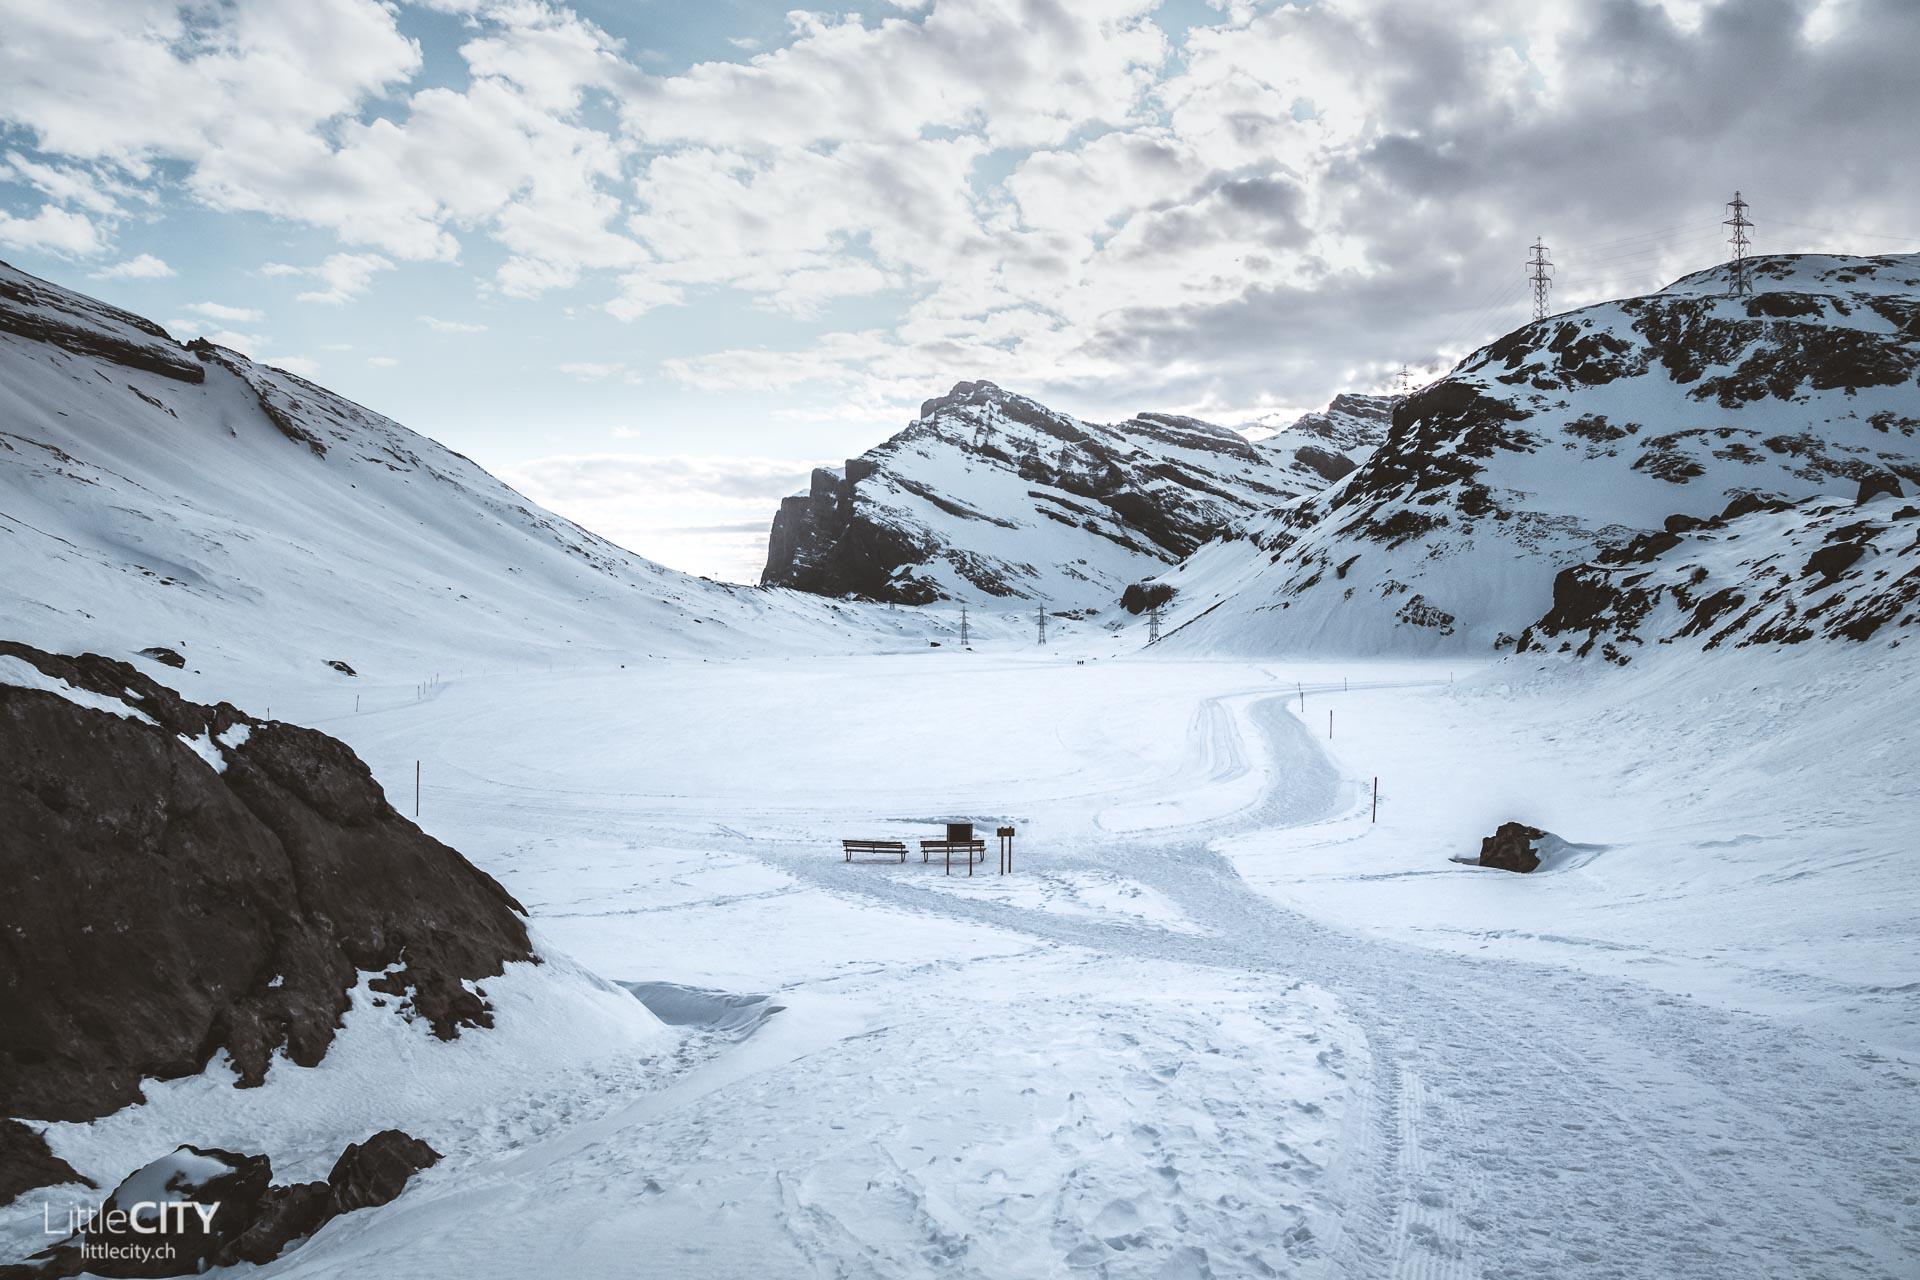 Gemmipasswanderung Daubensee im Winter